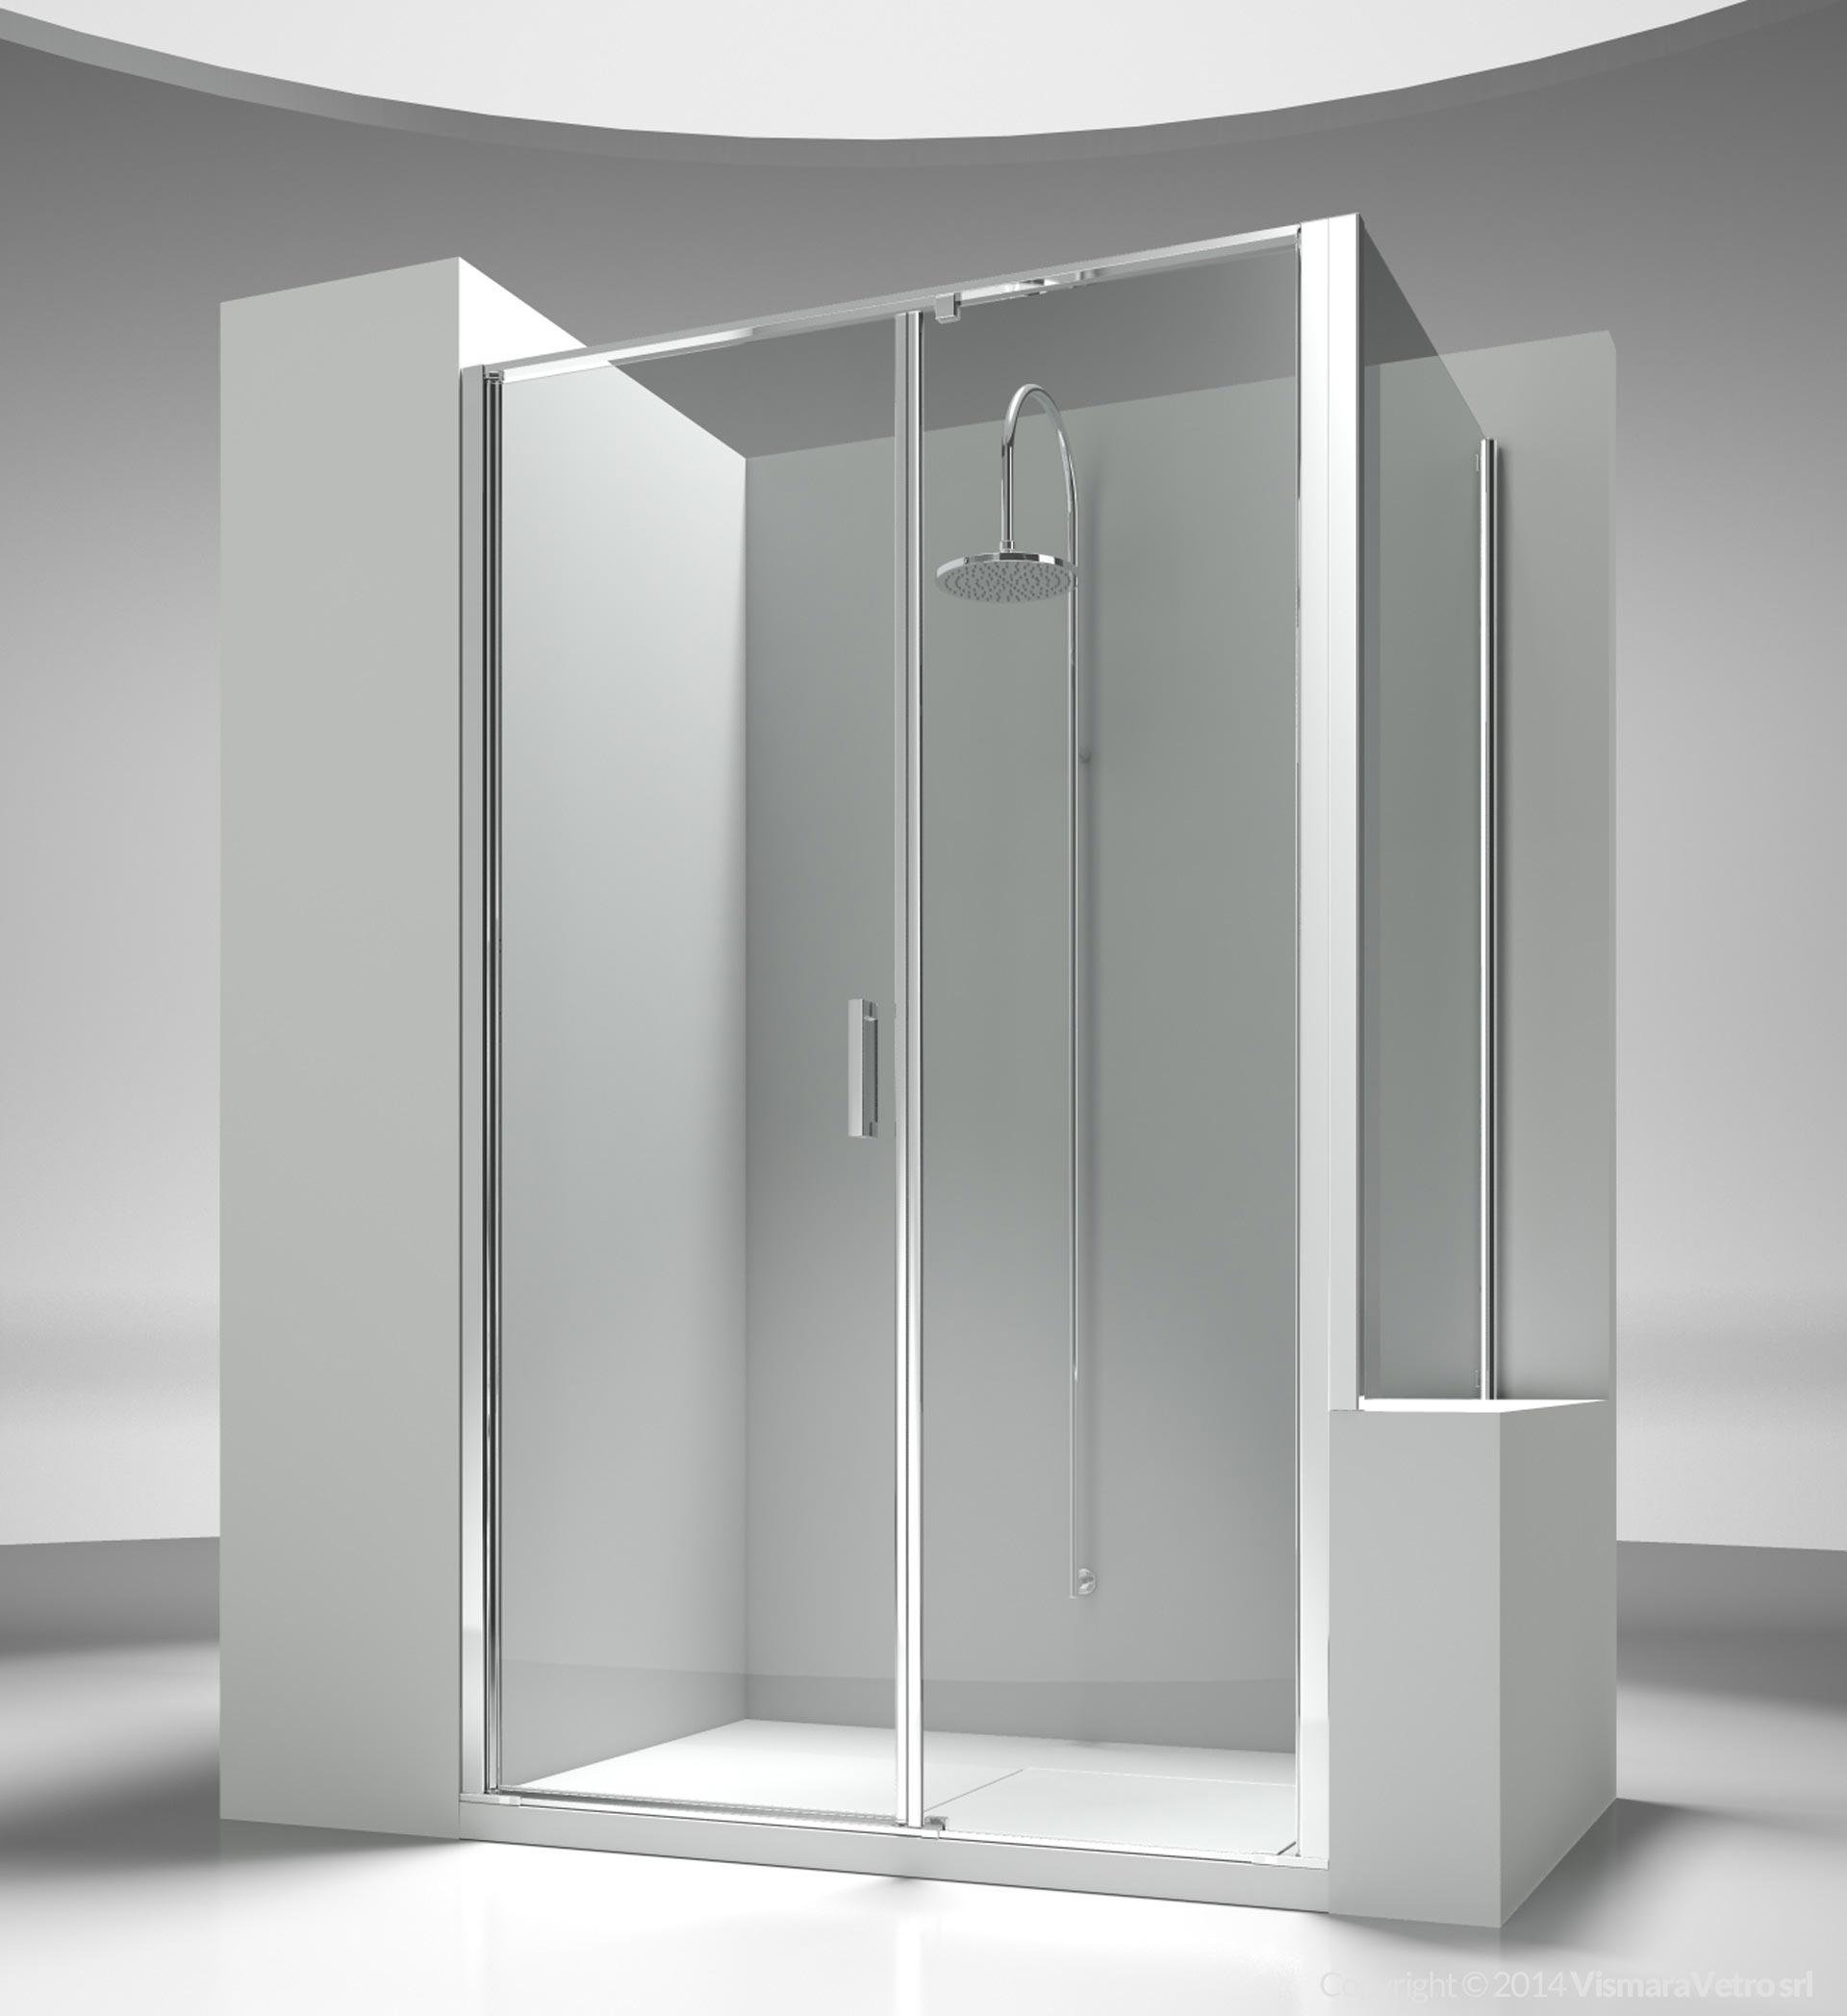 l2 lp linea cabine de douche pour salle de bains avec ouverture pivotante. Black Bedroom Furniture Sets. Home Design Ideas